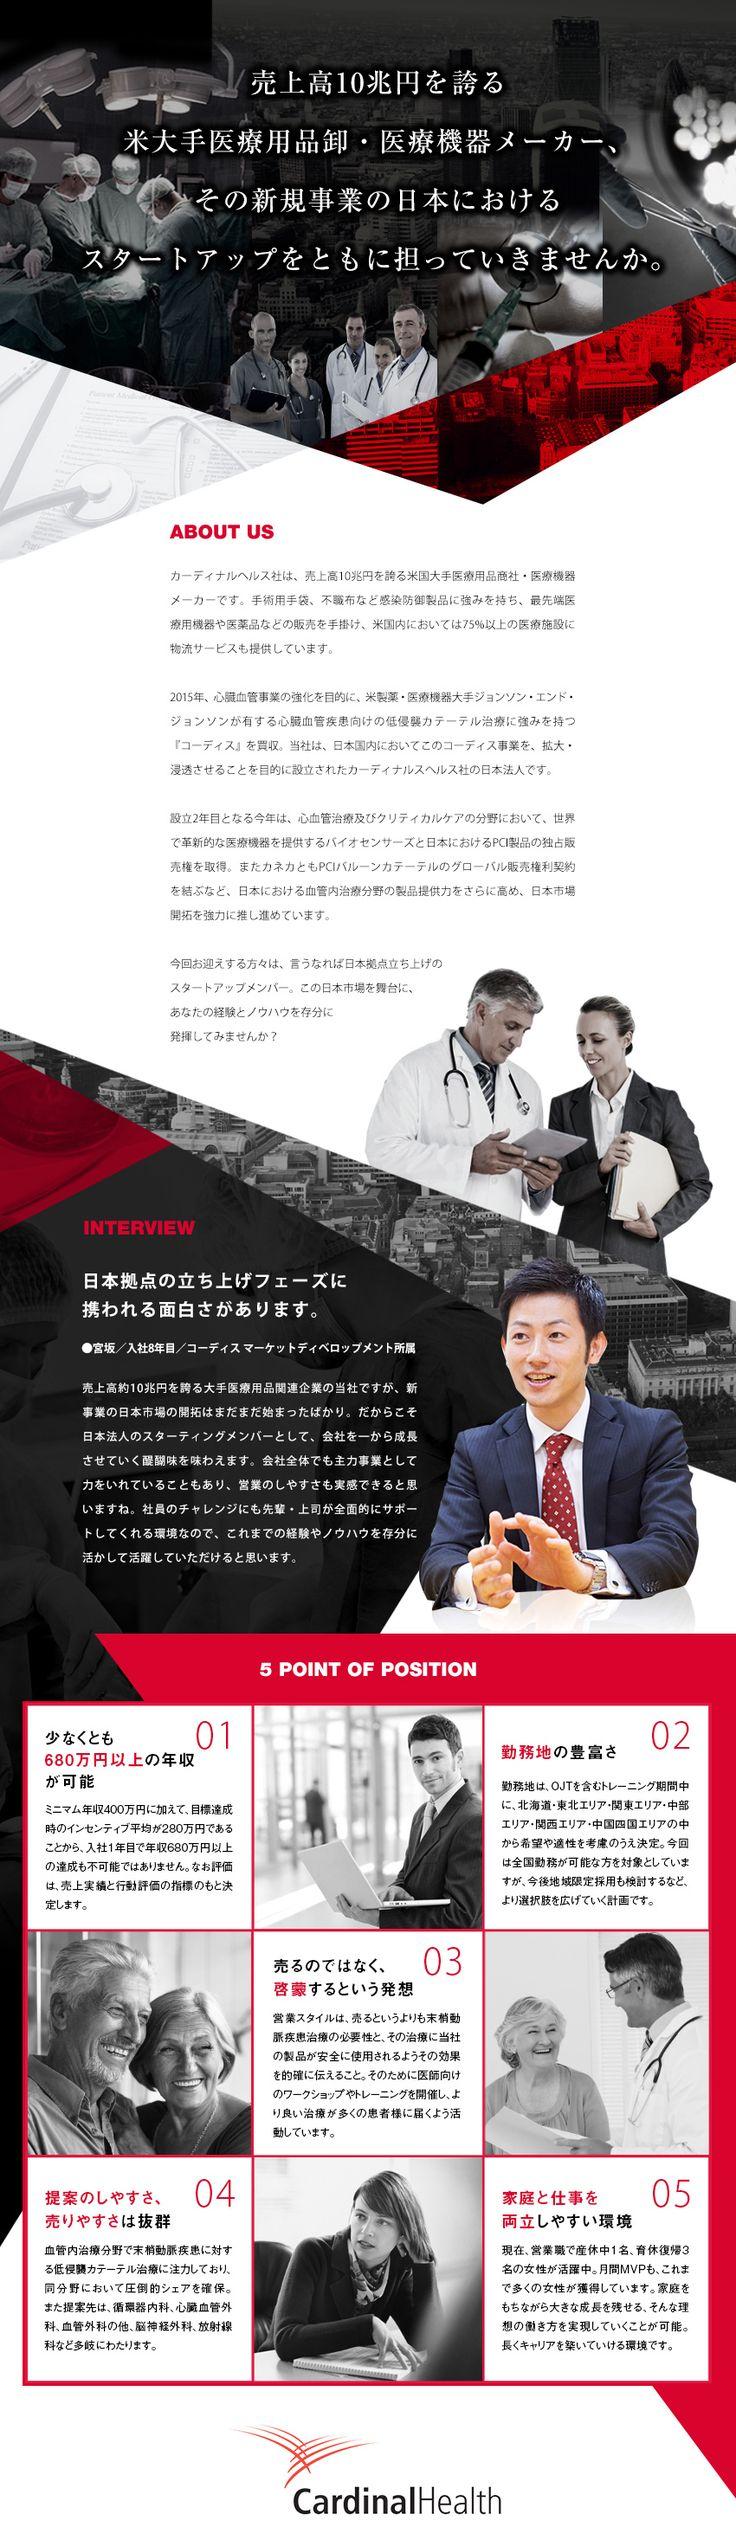 カーディナルヘルスジャパン合同会社/医療機器営業職(日本拠点立ち上げのスタートアップメンバーを募集/手厚い福利厚生・待遇)の求人・求人情報ならDODA(デューダ)。仕事内容など詳しい採用情報や職場の雰囲気が伝わる情報が満載。